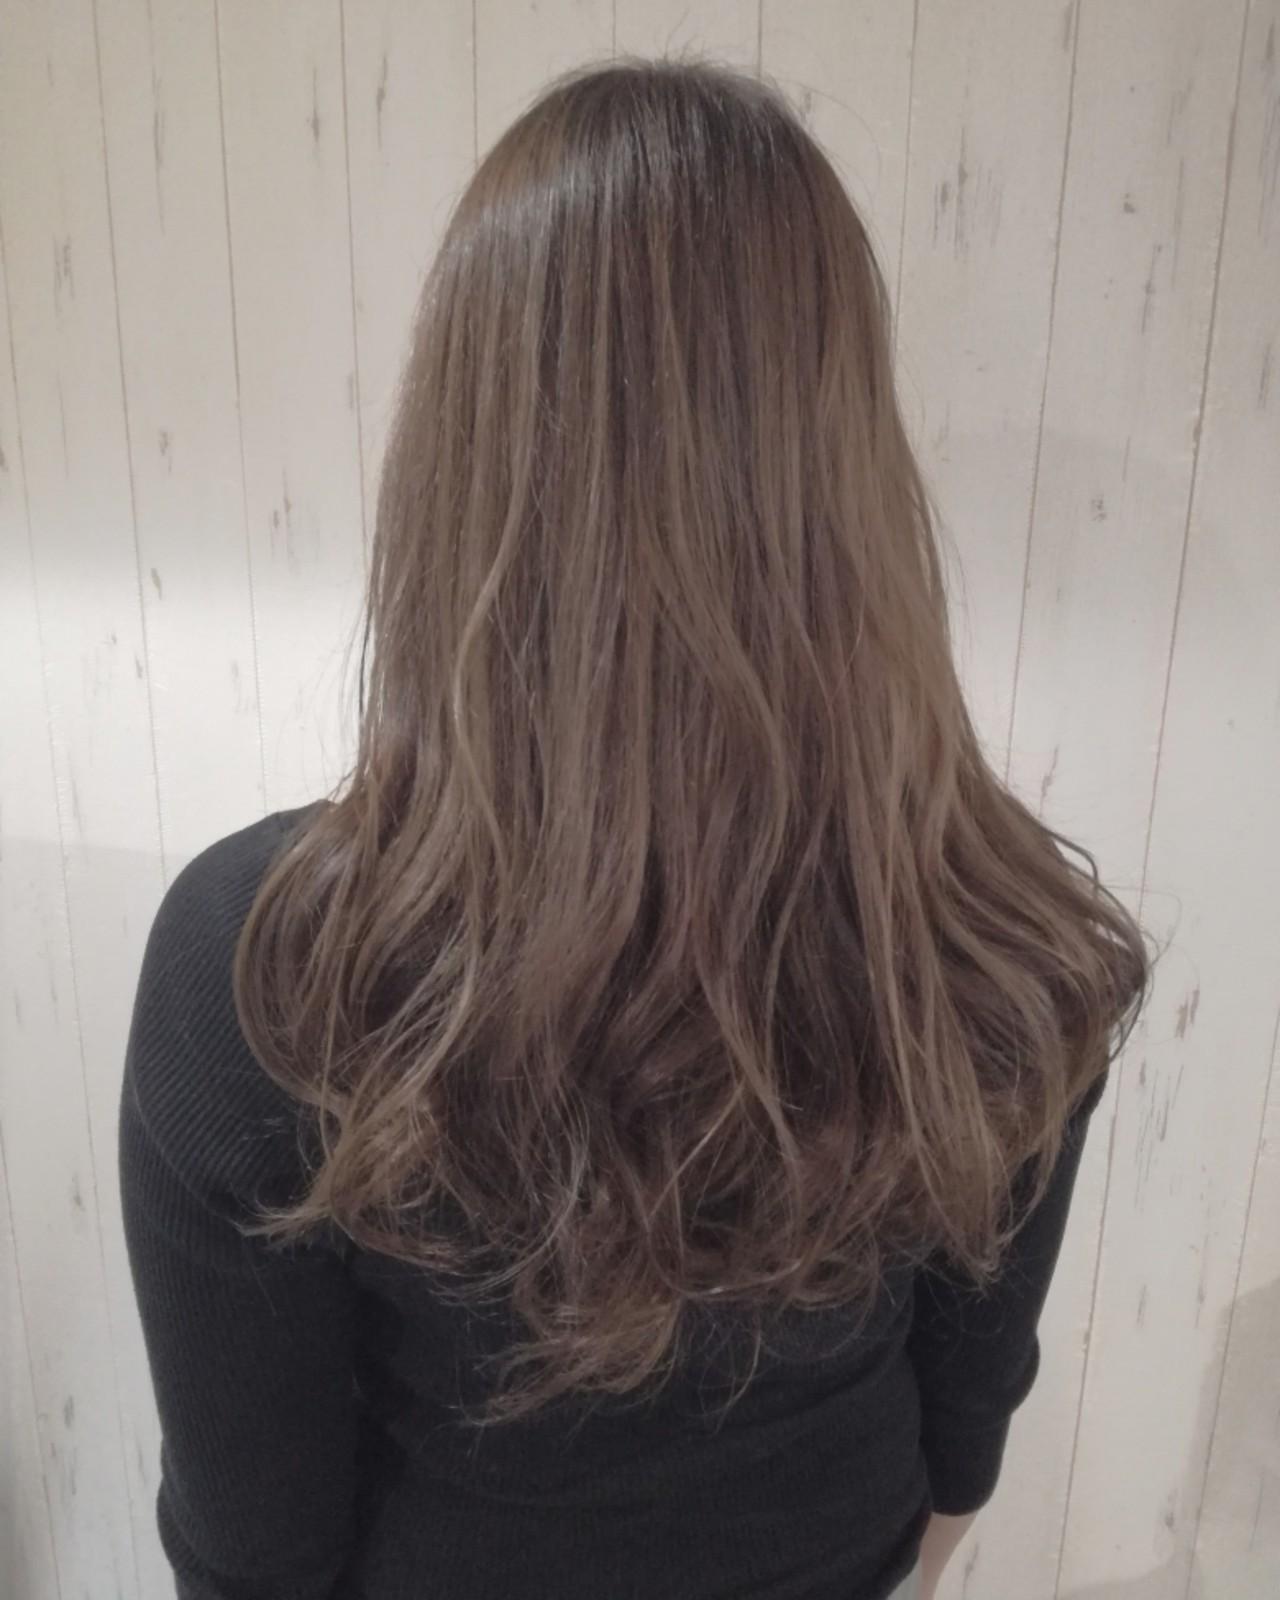 ロング 透明感 フェミニン ベージュ ヘアスタイルや髪型の写真・画像 | 西川 敏夫 / Any